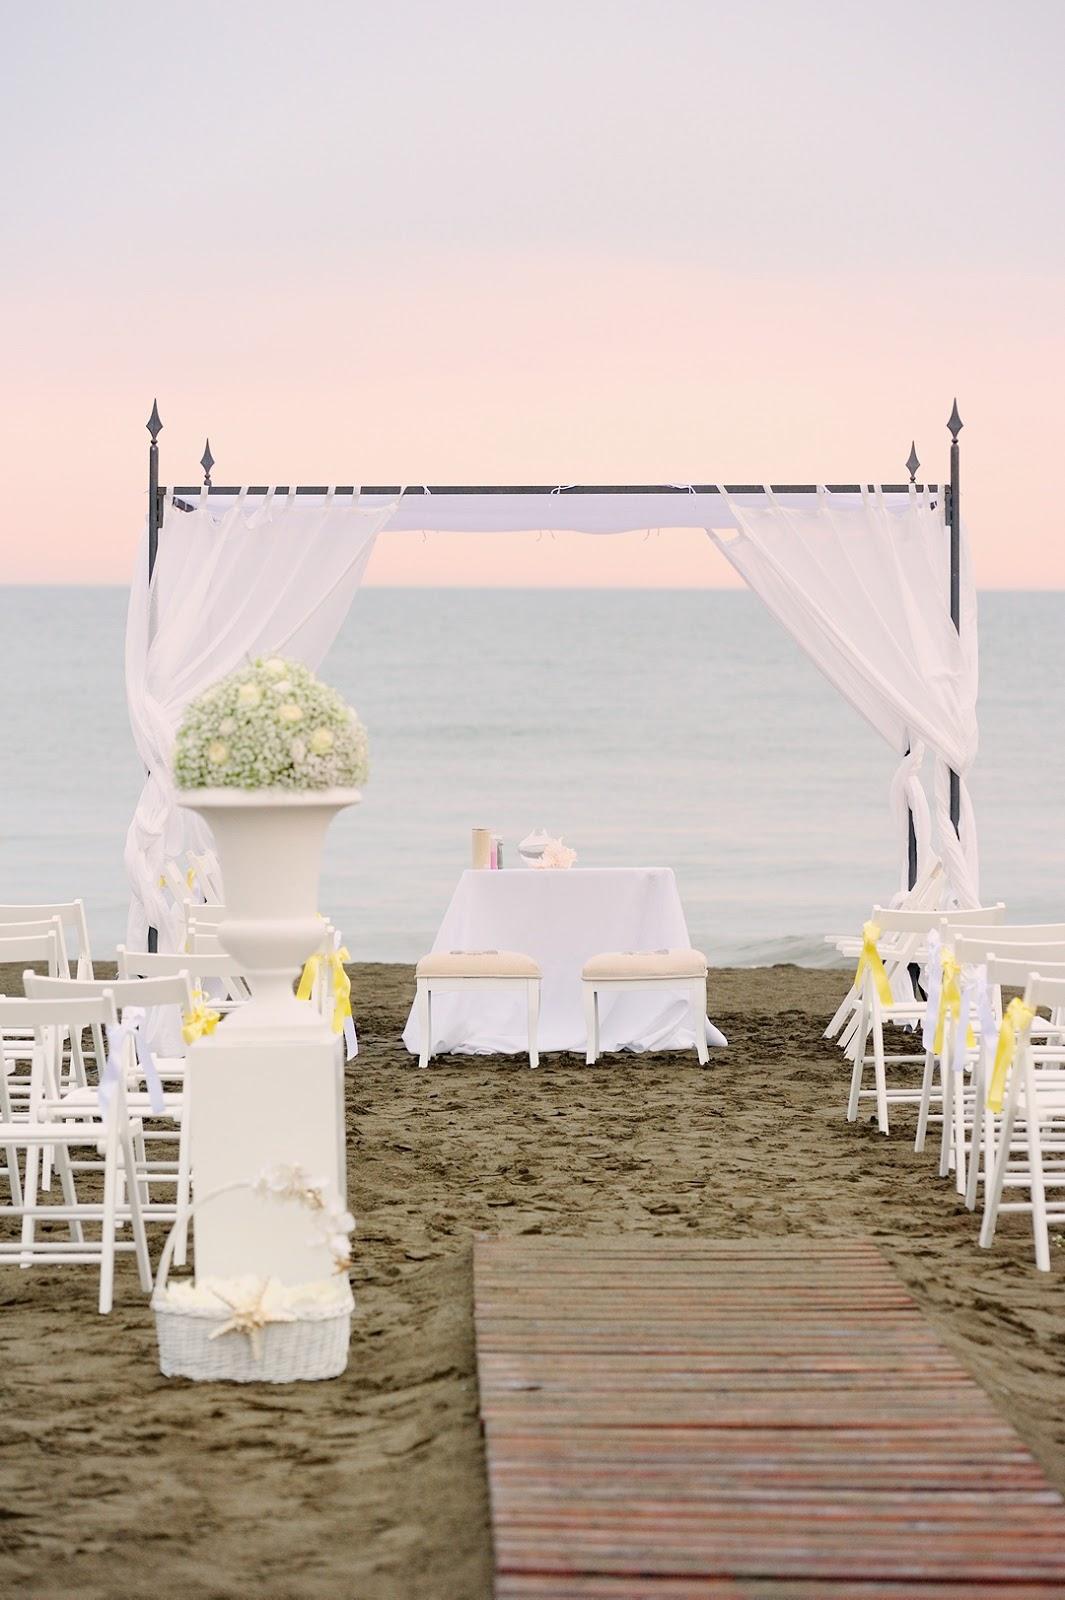 Matrimonio Spiaggia Palermo : Matrimonio in spiaggia sotto l